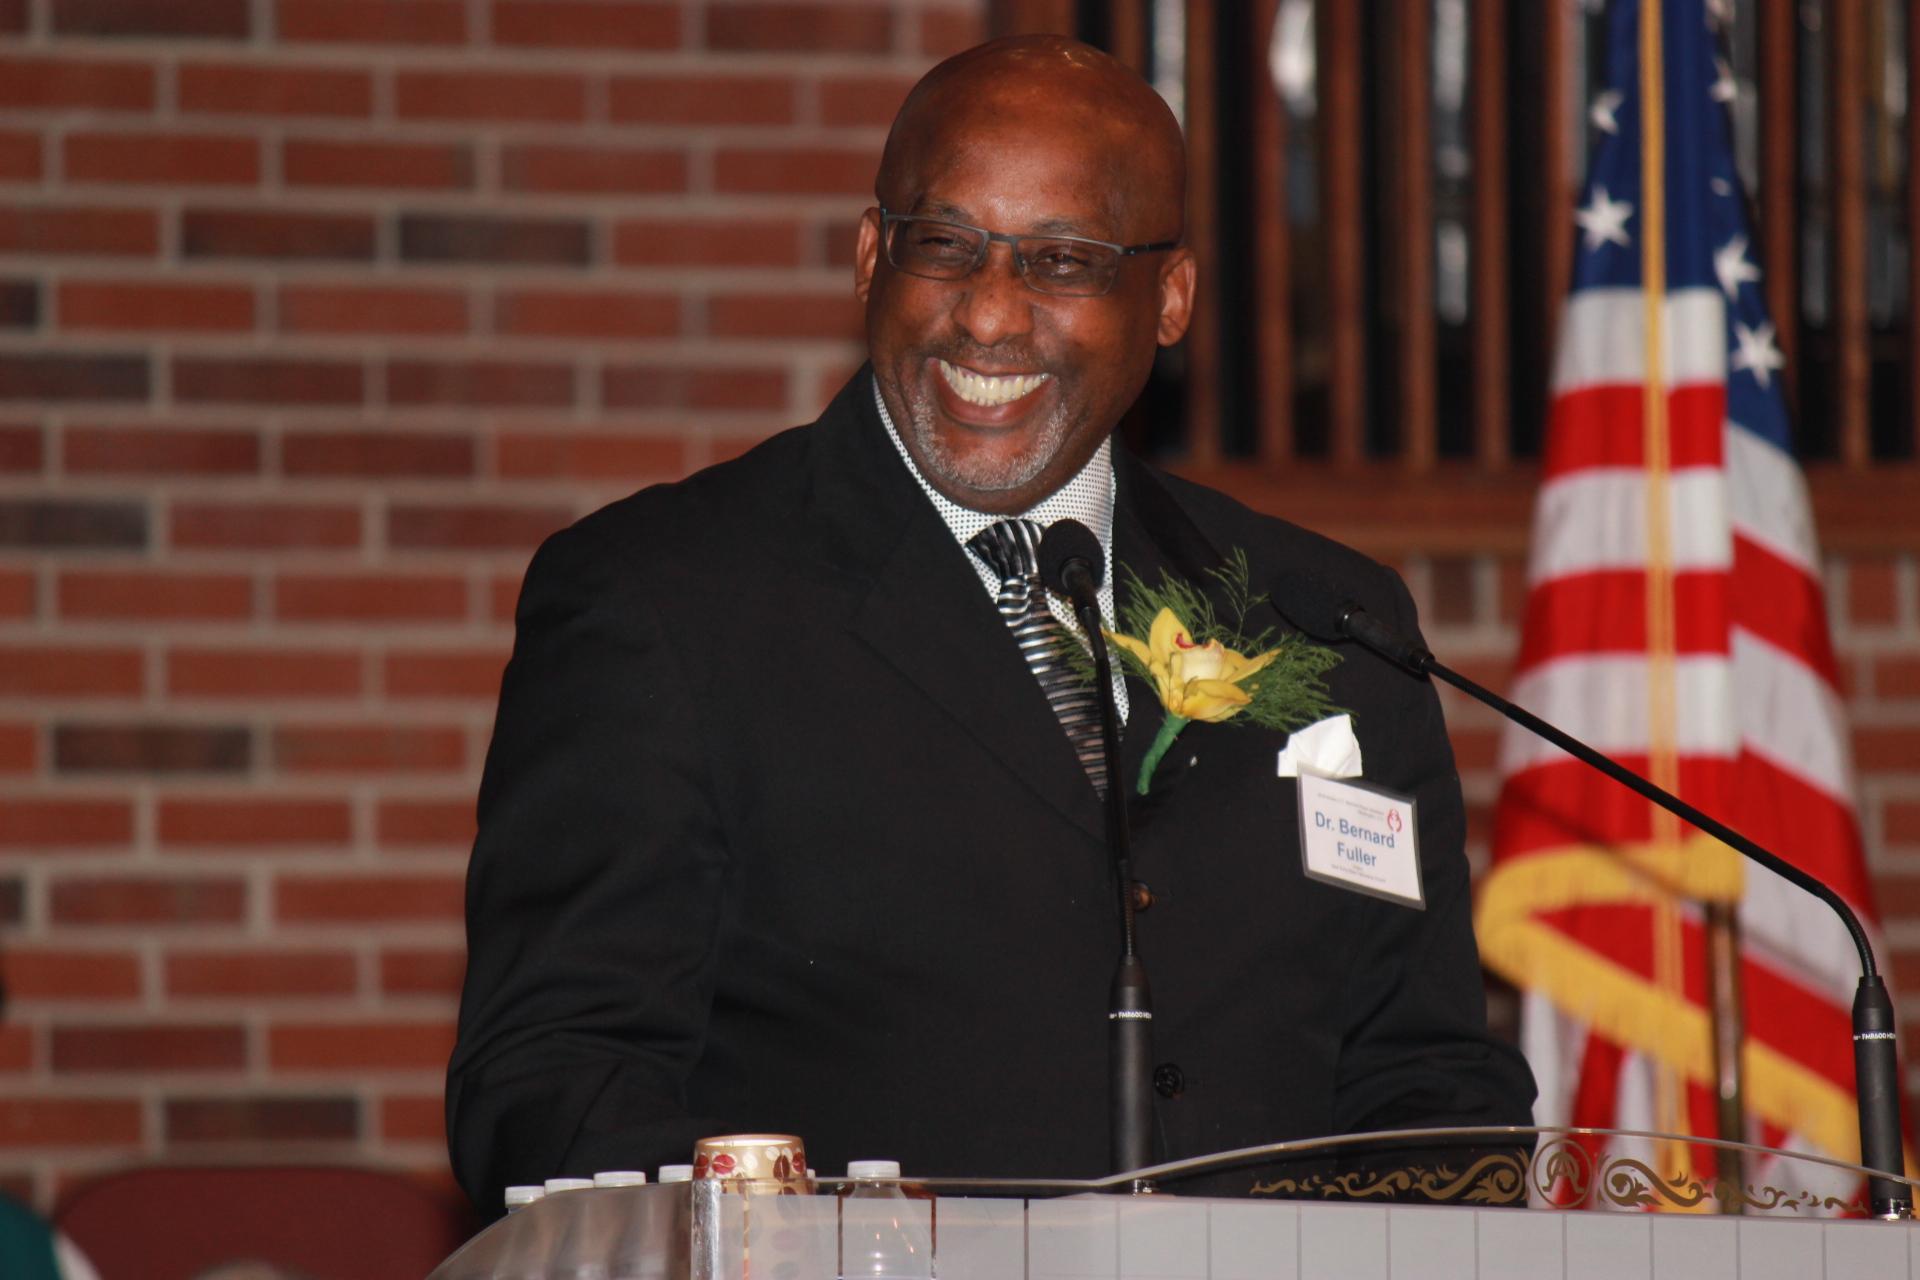 Dr. Bernard Fuller